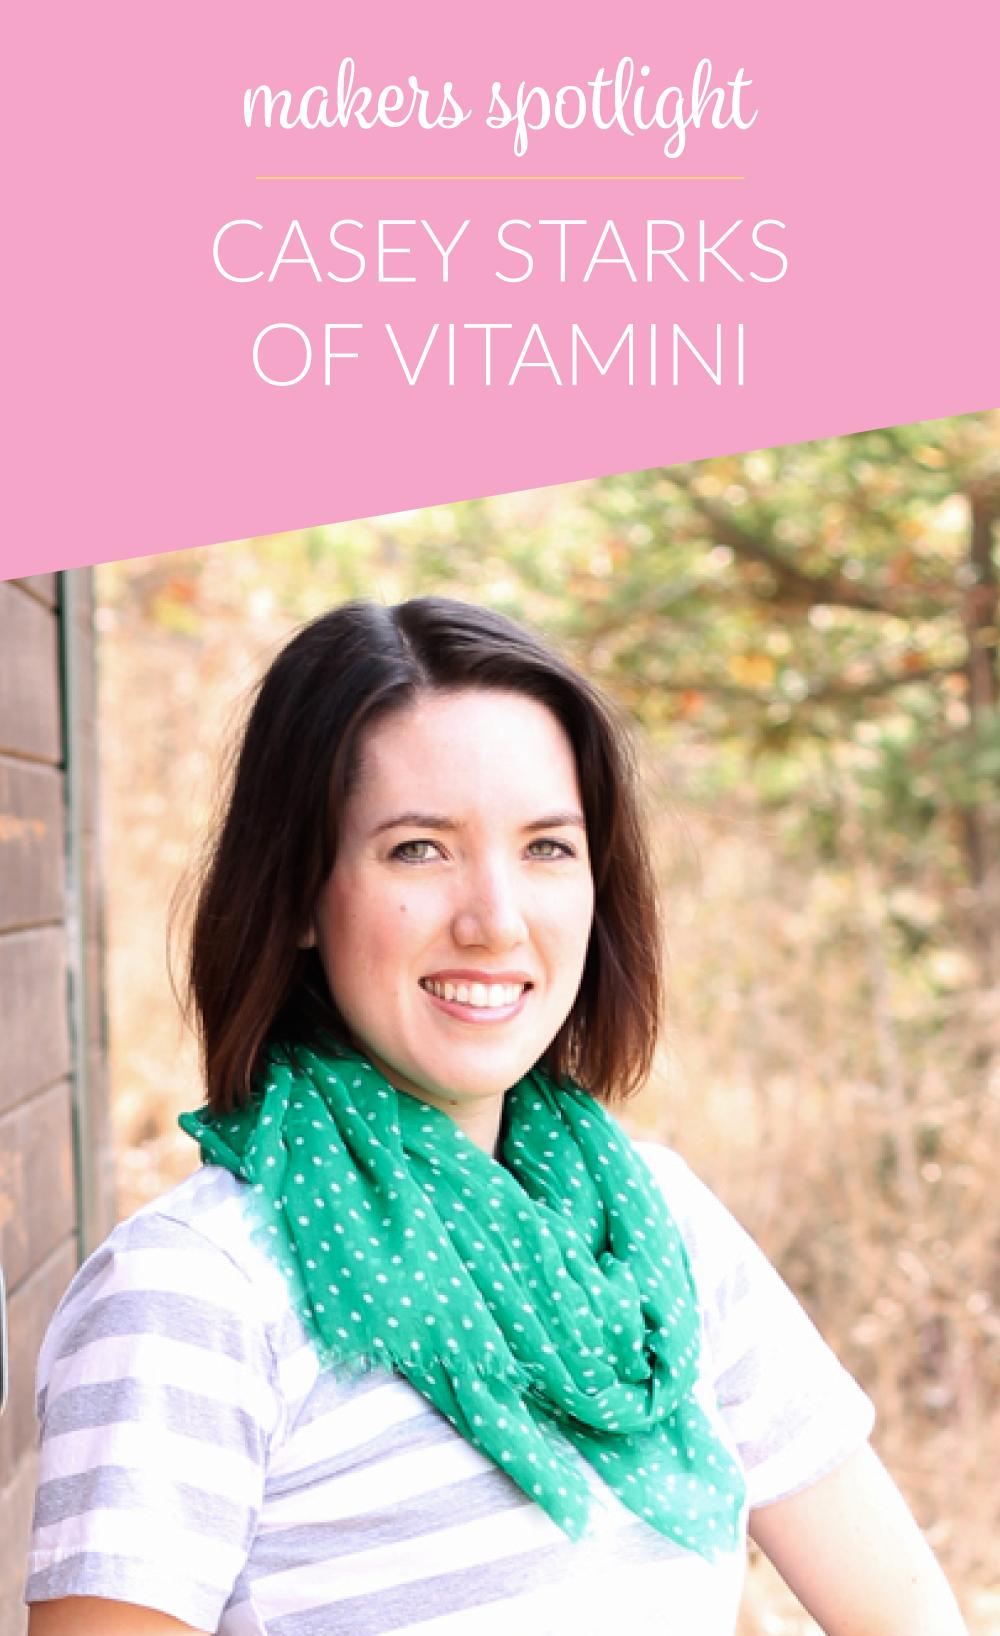 Makers Spotlight: Casey Starks of Vitamini